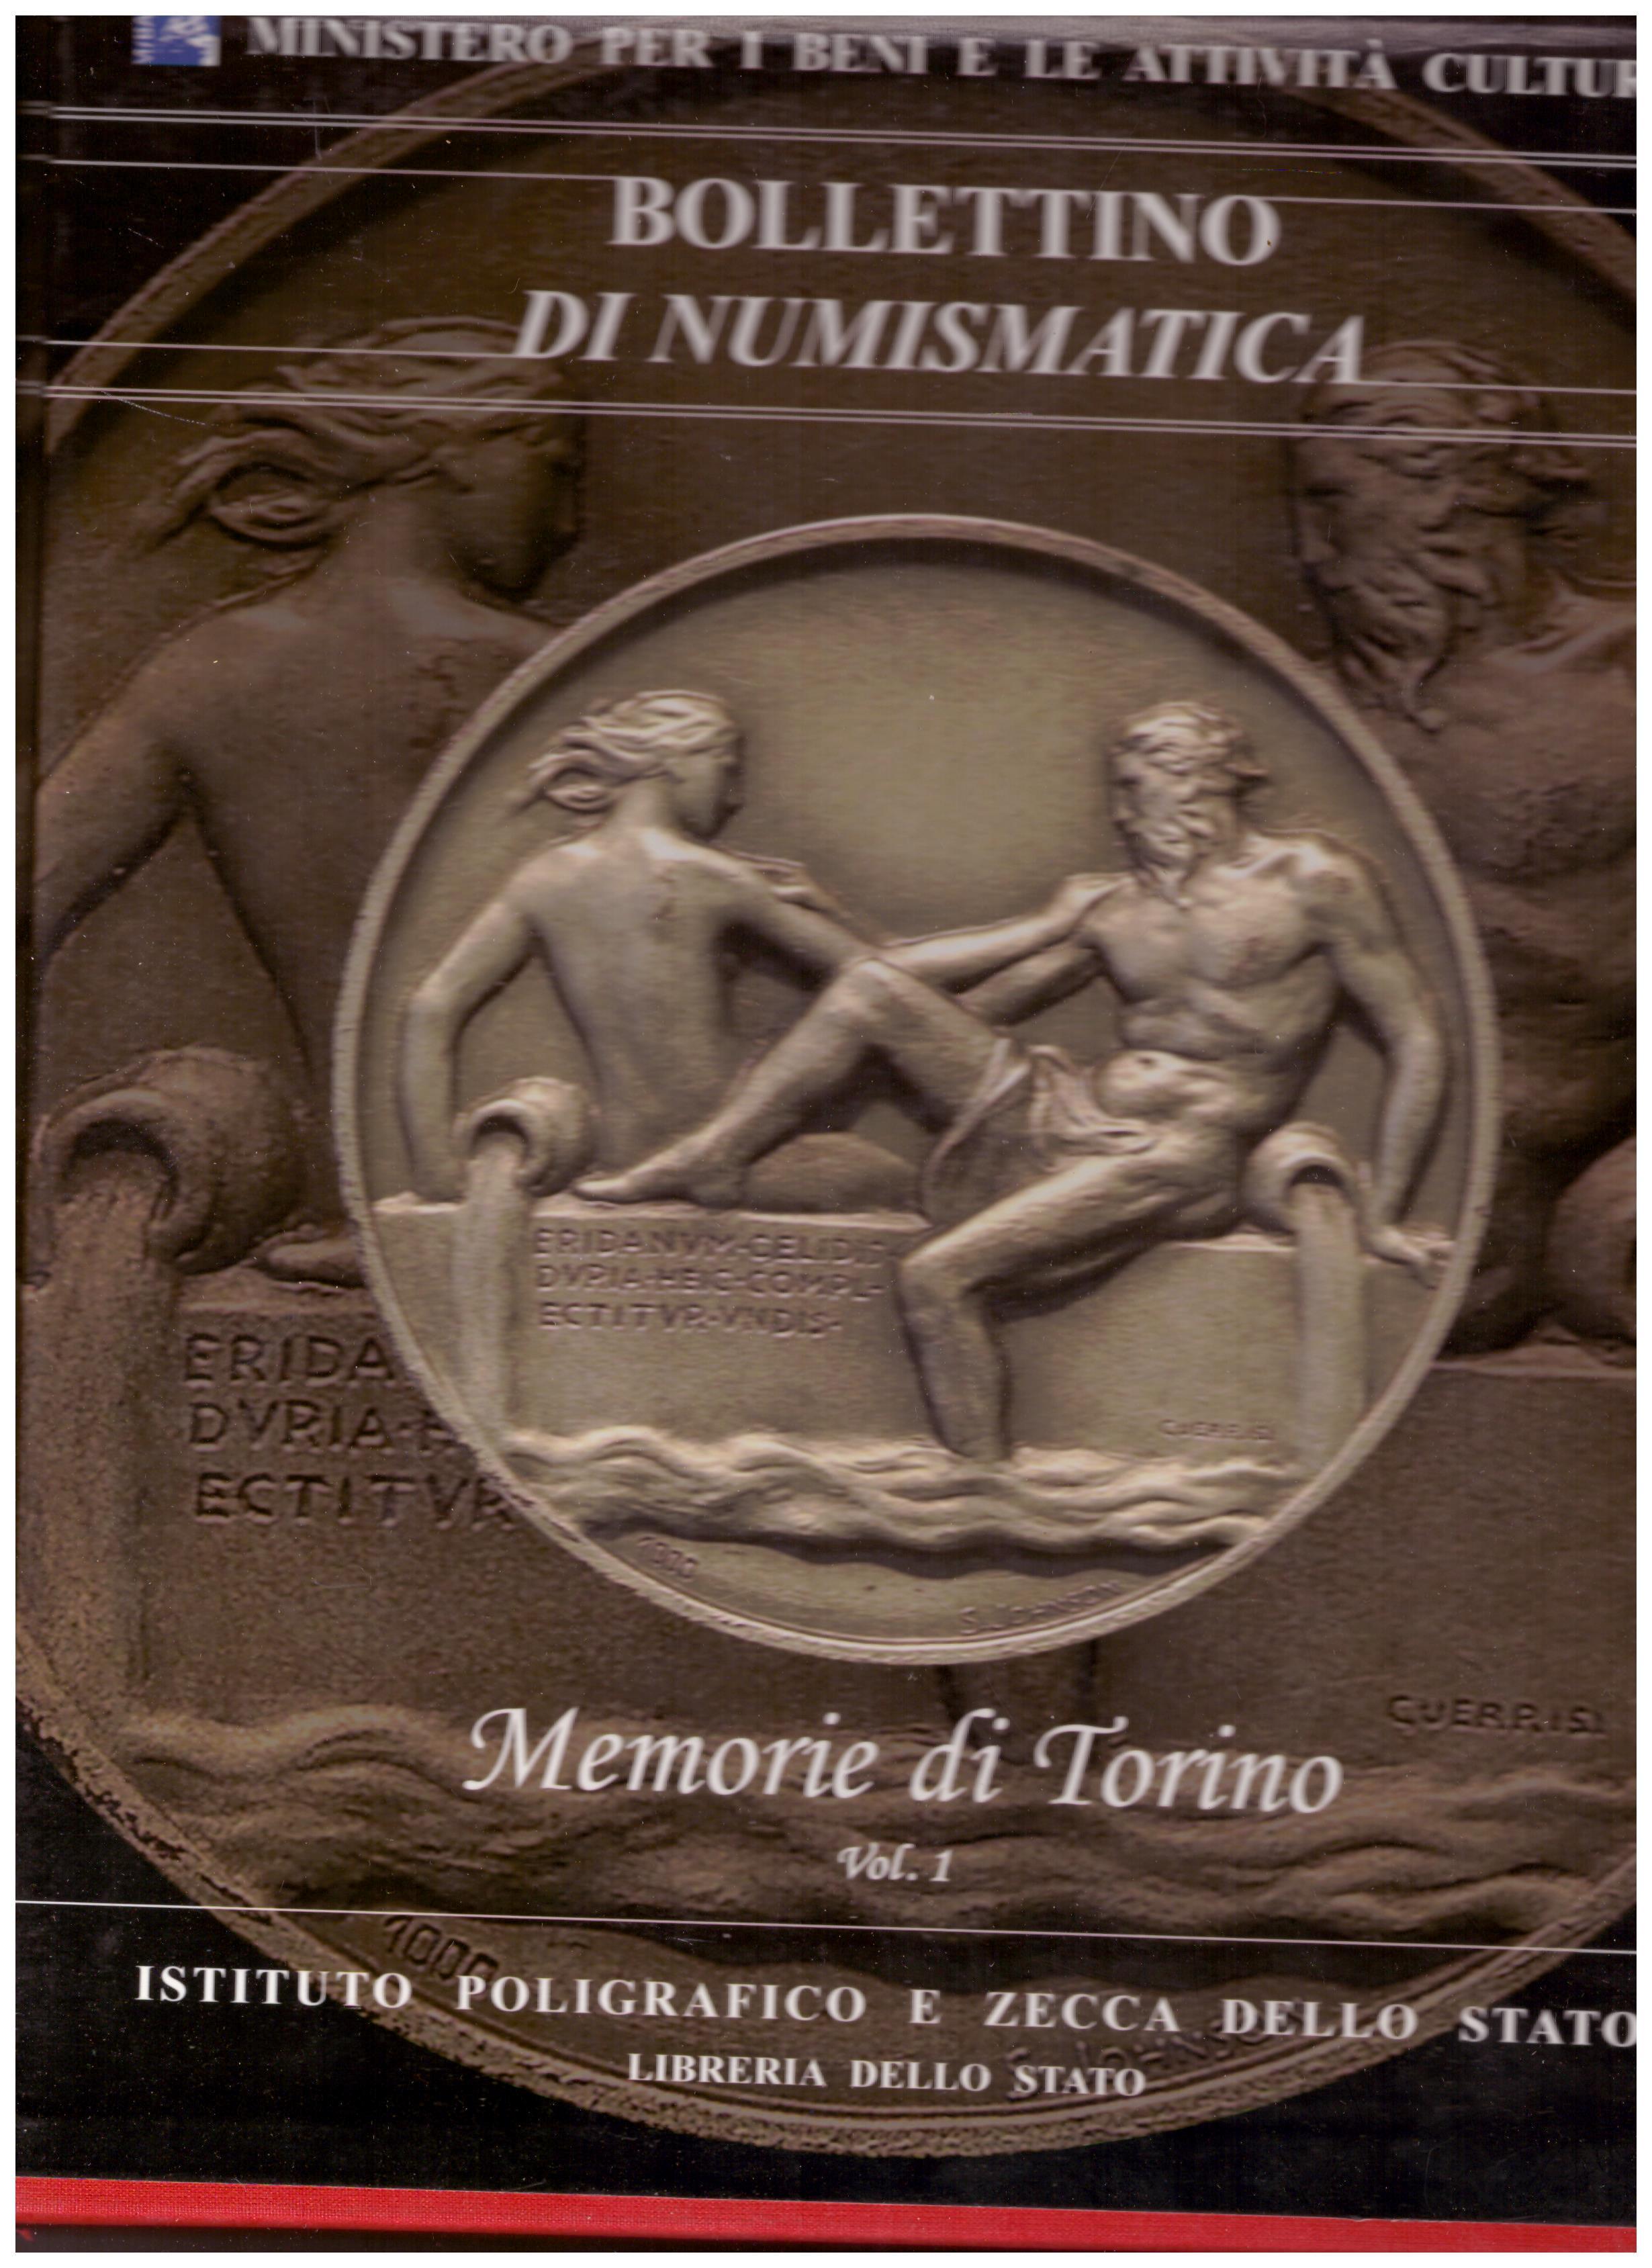 a6fb59c63f Titolo: Bollettino di numismatica Memorie di Torino volume 1 e 2 in  cofanetto Autore: AA.VV. A cura del Ministero per i Beni e le Attività  culturali ...